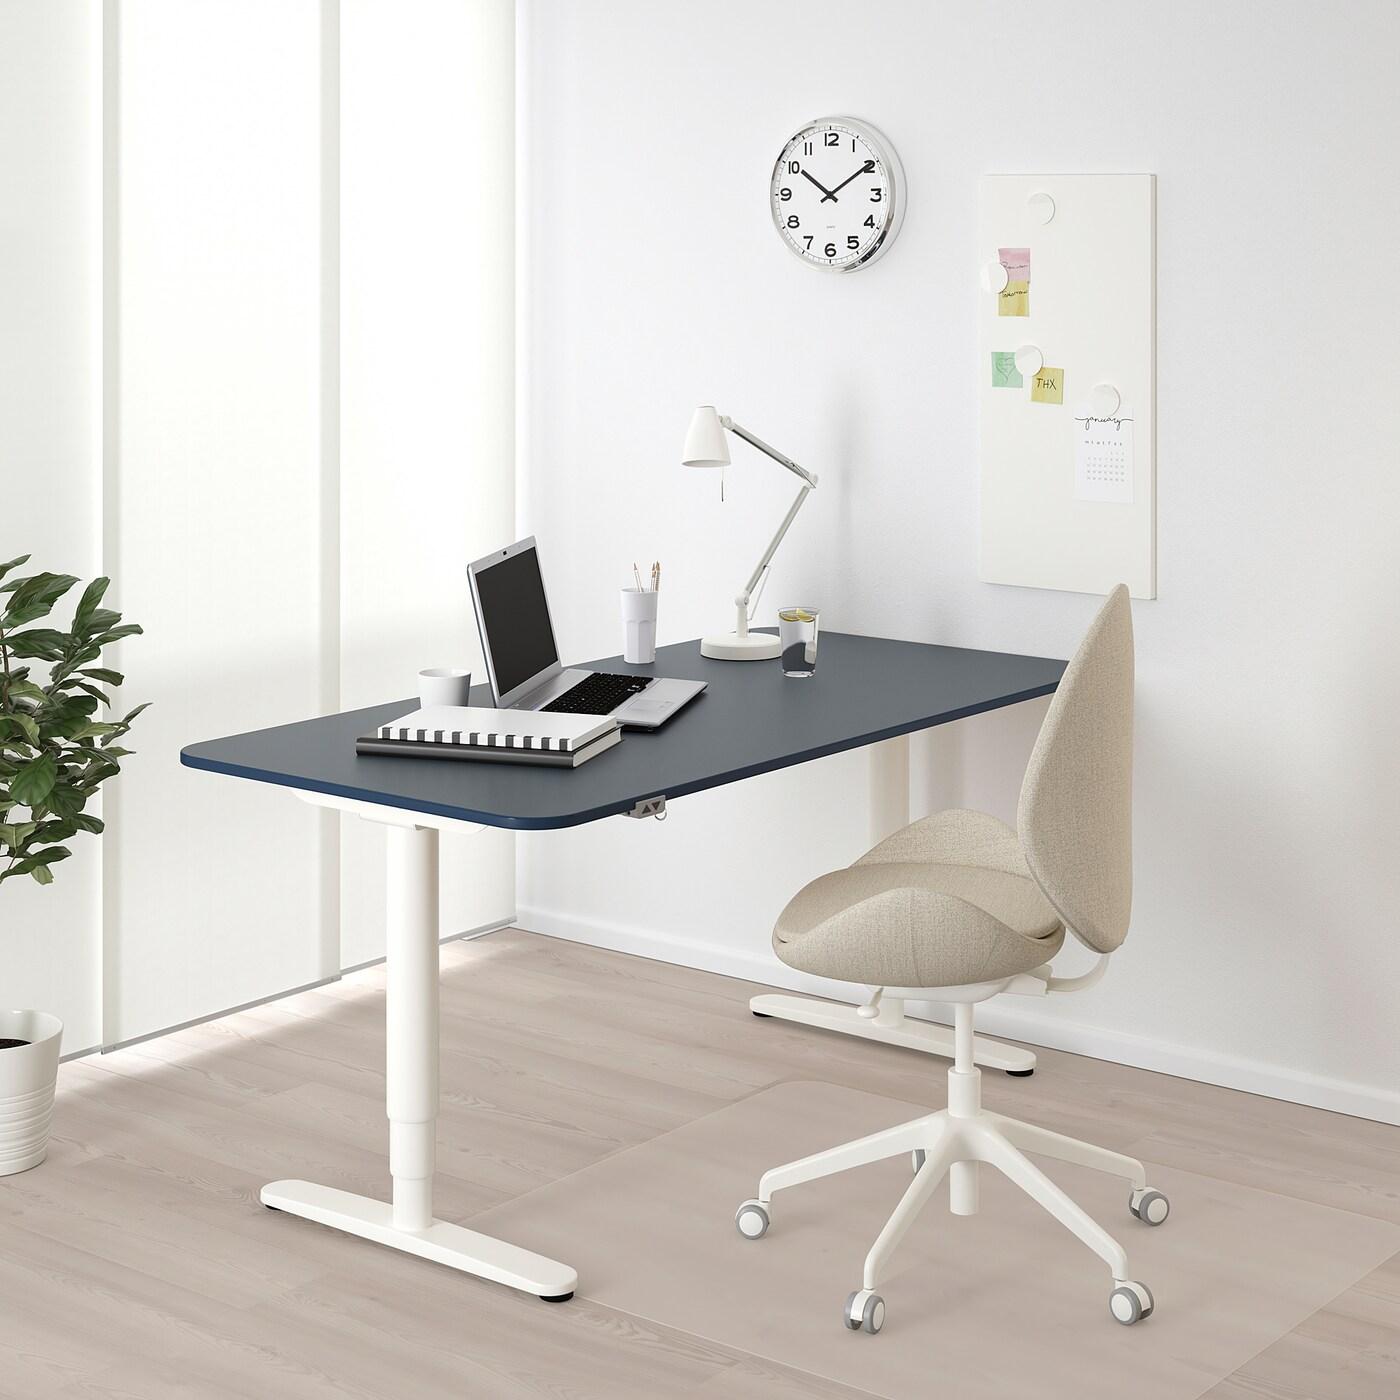 BEKANT Desk sit/stand, linoleum blue/white, 160x80 cm